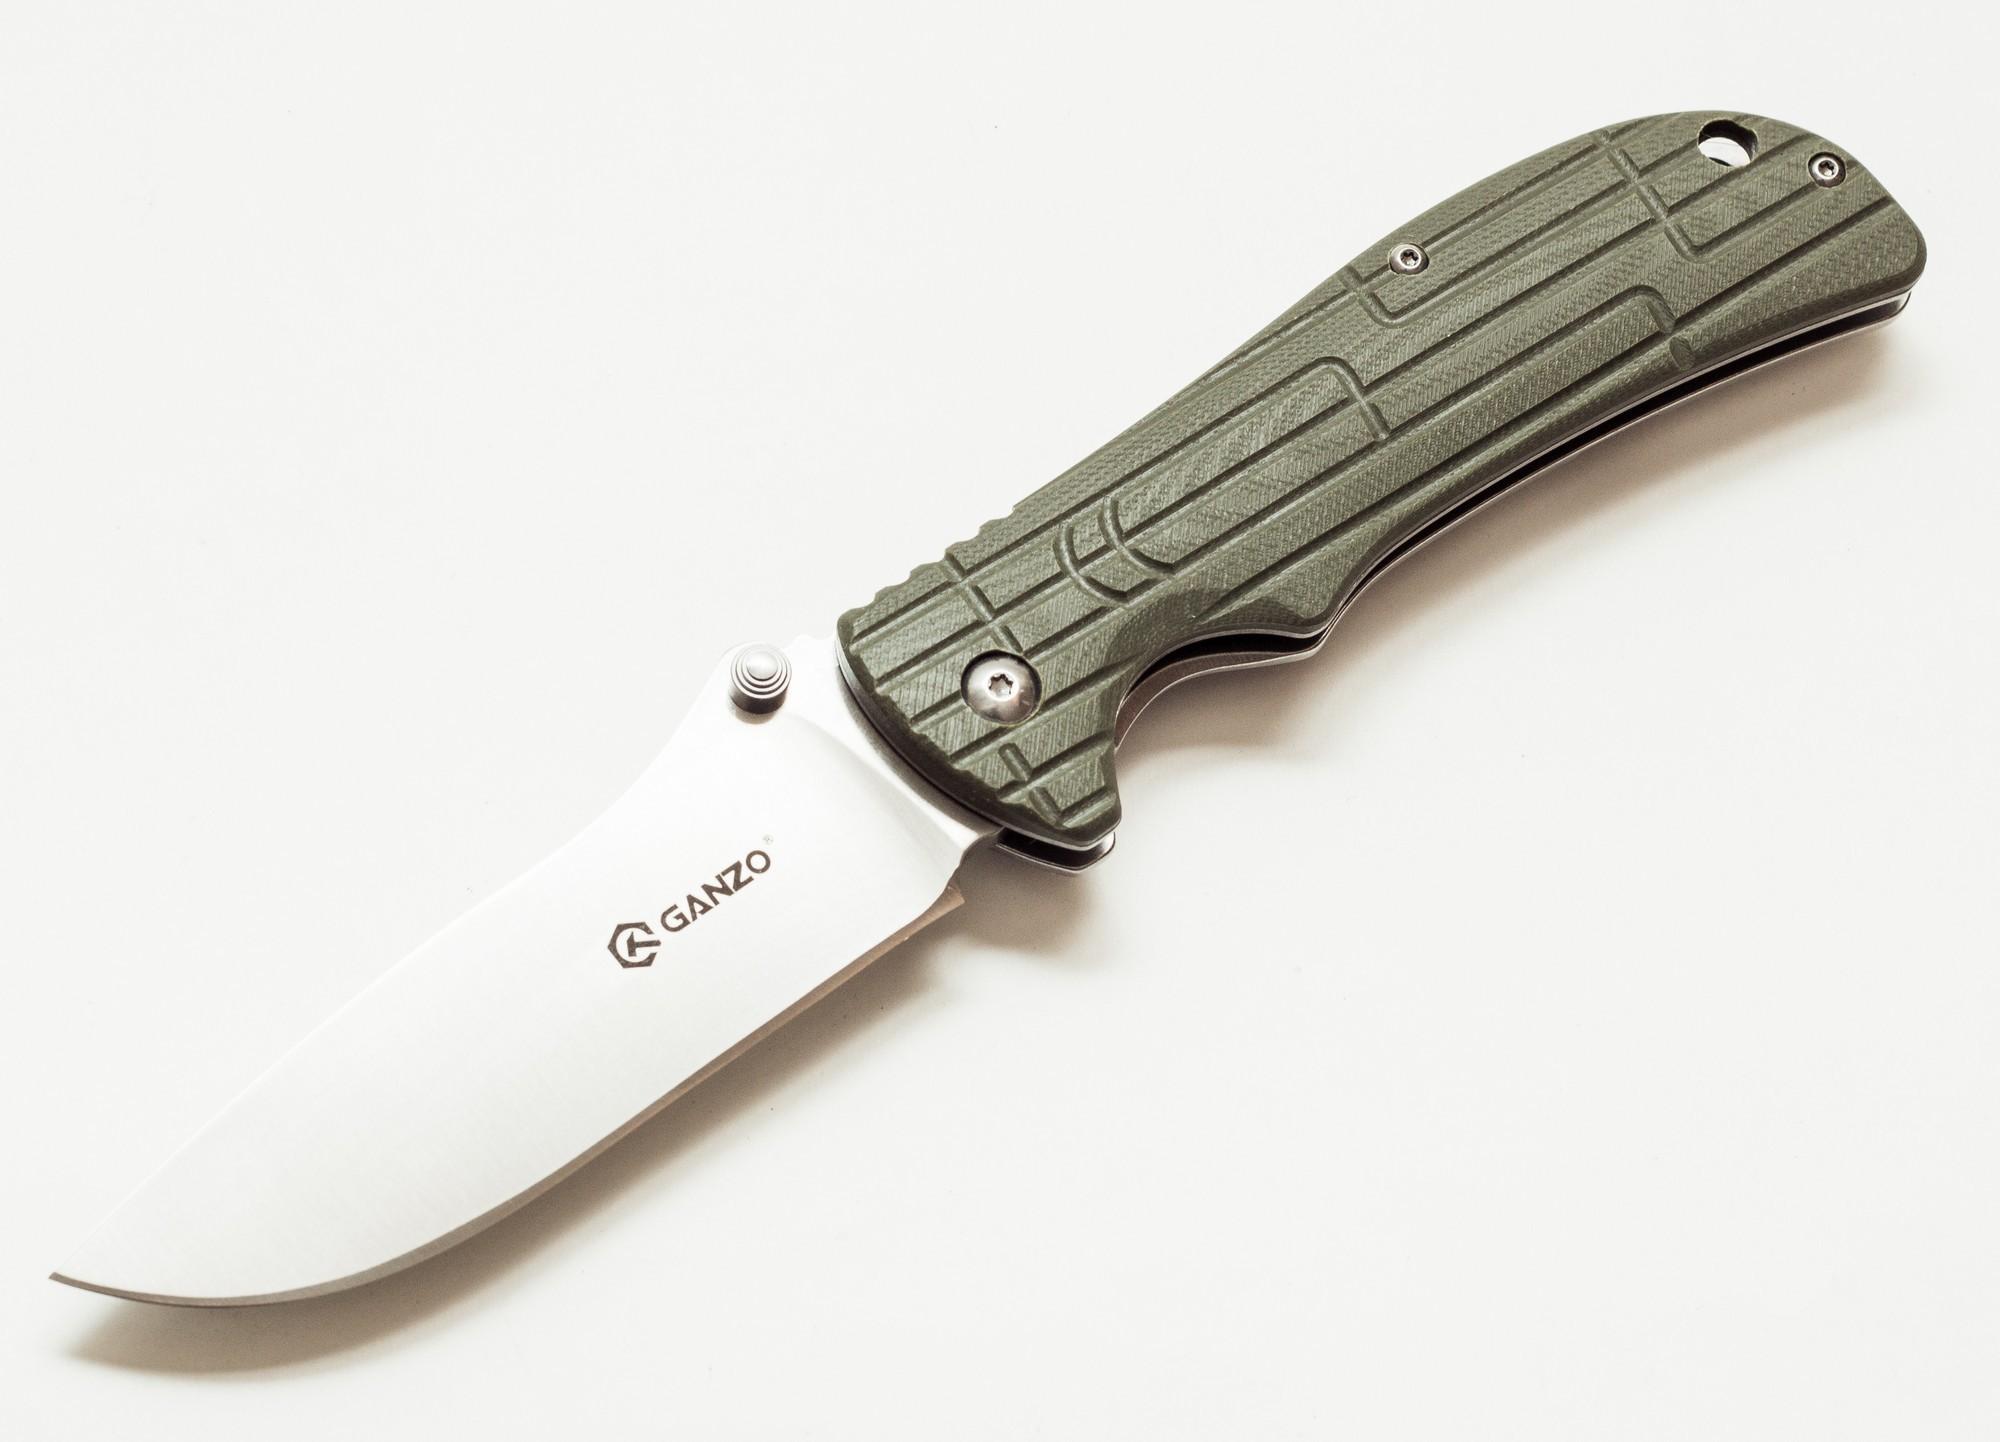 Нож Ganzo G723 зеленыйРаскладные ножи<br>Нож Ganzo G723 изготовлен таким образом, чтобы объединить практичность и привлекательный дизайн. Он предназначен для использования во время отдыха за городом или же в качестве карманного ножа на каждый день.<br>Для того, чтобы нож мог прослужить долгое время, его клинок сделан из нержавеющей стали высокого качества -440С. Этот сплав отличается хорошей сопротивляемостью к коррозии и, в то же время, достаточно большой твердостью — порядка 58 HRC. Благодаря этому, нож долго остается острым даже без регулярного подтачивания. Длина лезвия ножа составляет 9,5 см при его толщине по обуху 0,4 см. Вместе с рукояткой длина готового к работе ножа составляет 21,5 см. В закрытом же виде он гораздо более компактный — всего 12 см в длину.<br>Чтобы носить сложенный нож было удобно и безопасно, производители выбрали для него популярный тип замка FrameLock. Он известен высокой надежностью и простотой использования. Исходя из особенностей фиксирующего механизма, основой рукоятки ножа является металлическая пластина. Пластиковая накладка украшает лицевую сторону ручки. Для нее использован прочный стеклопластик G10, который известен своей износостойкостью. Поверхность накладки — не ровная, что сделано специально для более крепкого захвата ножа. Также на рукоятке предусмотрены клипса и отверстие для темляка, чтобы владелец ножа мог закрепить его, например, на лямке рюкзака.<br>Вес модели Ganzo G723 составляет 180 г, что совсем не много для ножа, который станет лучшим помощником в приготовлении походного обеда или выполнении важнейших в загородных условиях видов мелких работ. Этот нож безусловно понравится рыбакам, охотникам, путешественникам и другим людям, которые предпочитают отдыхать активно.<br>Гарантия: Компания Ganzo дает гарантию на все свои ножи. Она действует в течение года с даты приобретения любой из моделей.<br>